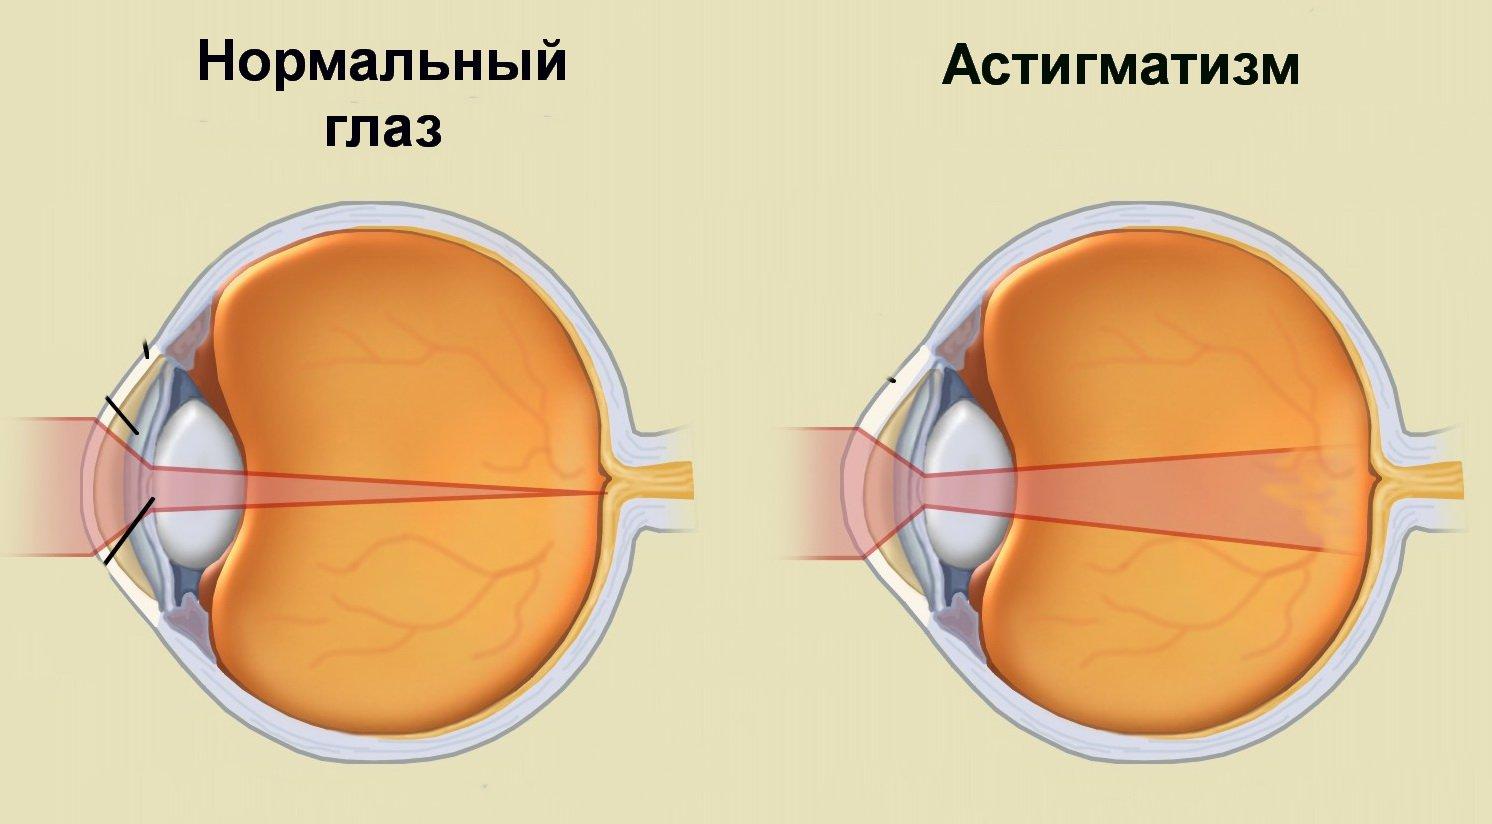 szemedzés a látás javítása érdekében)